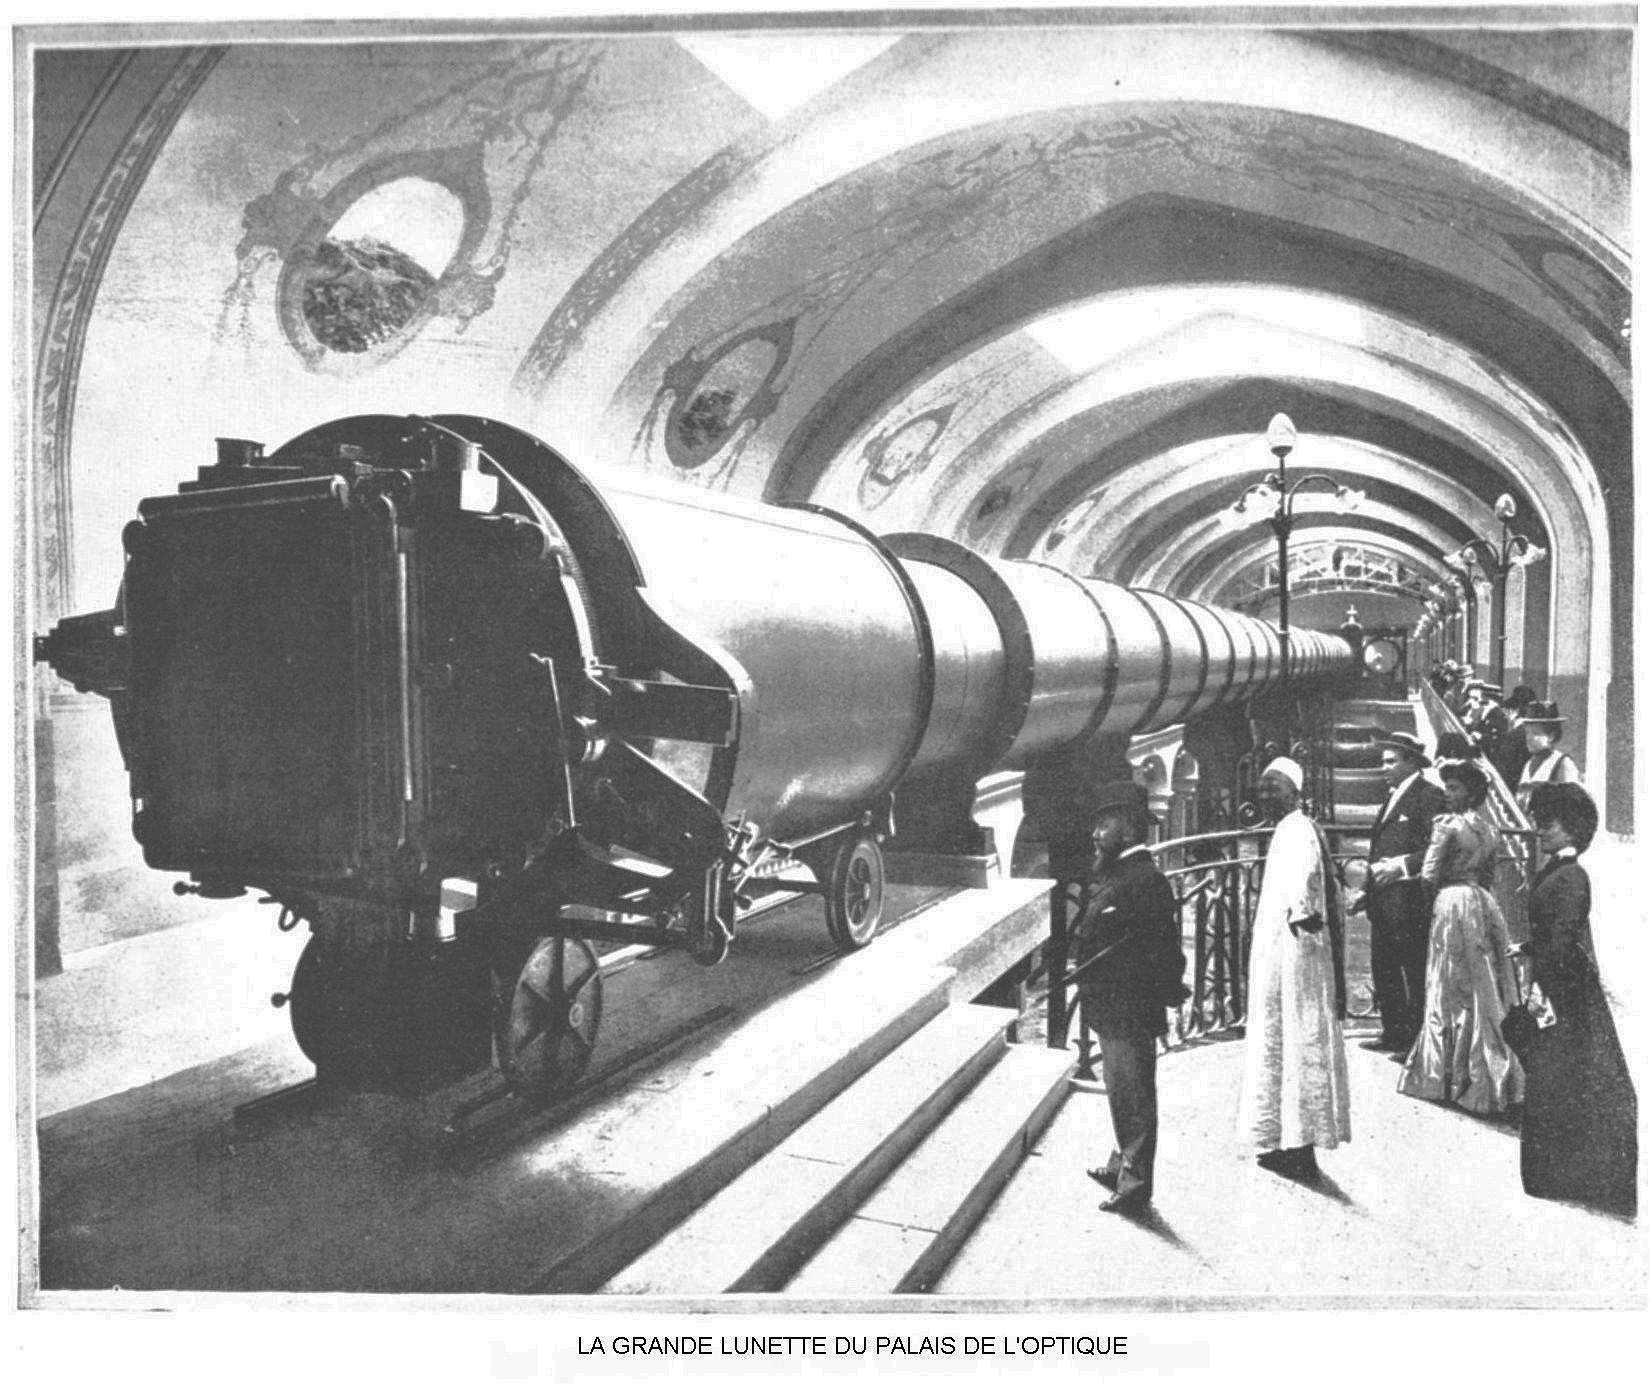 Ressources histoire exposition universelle 1900 la grande lunette du palais de l optique